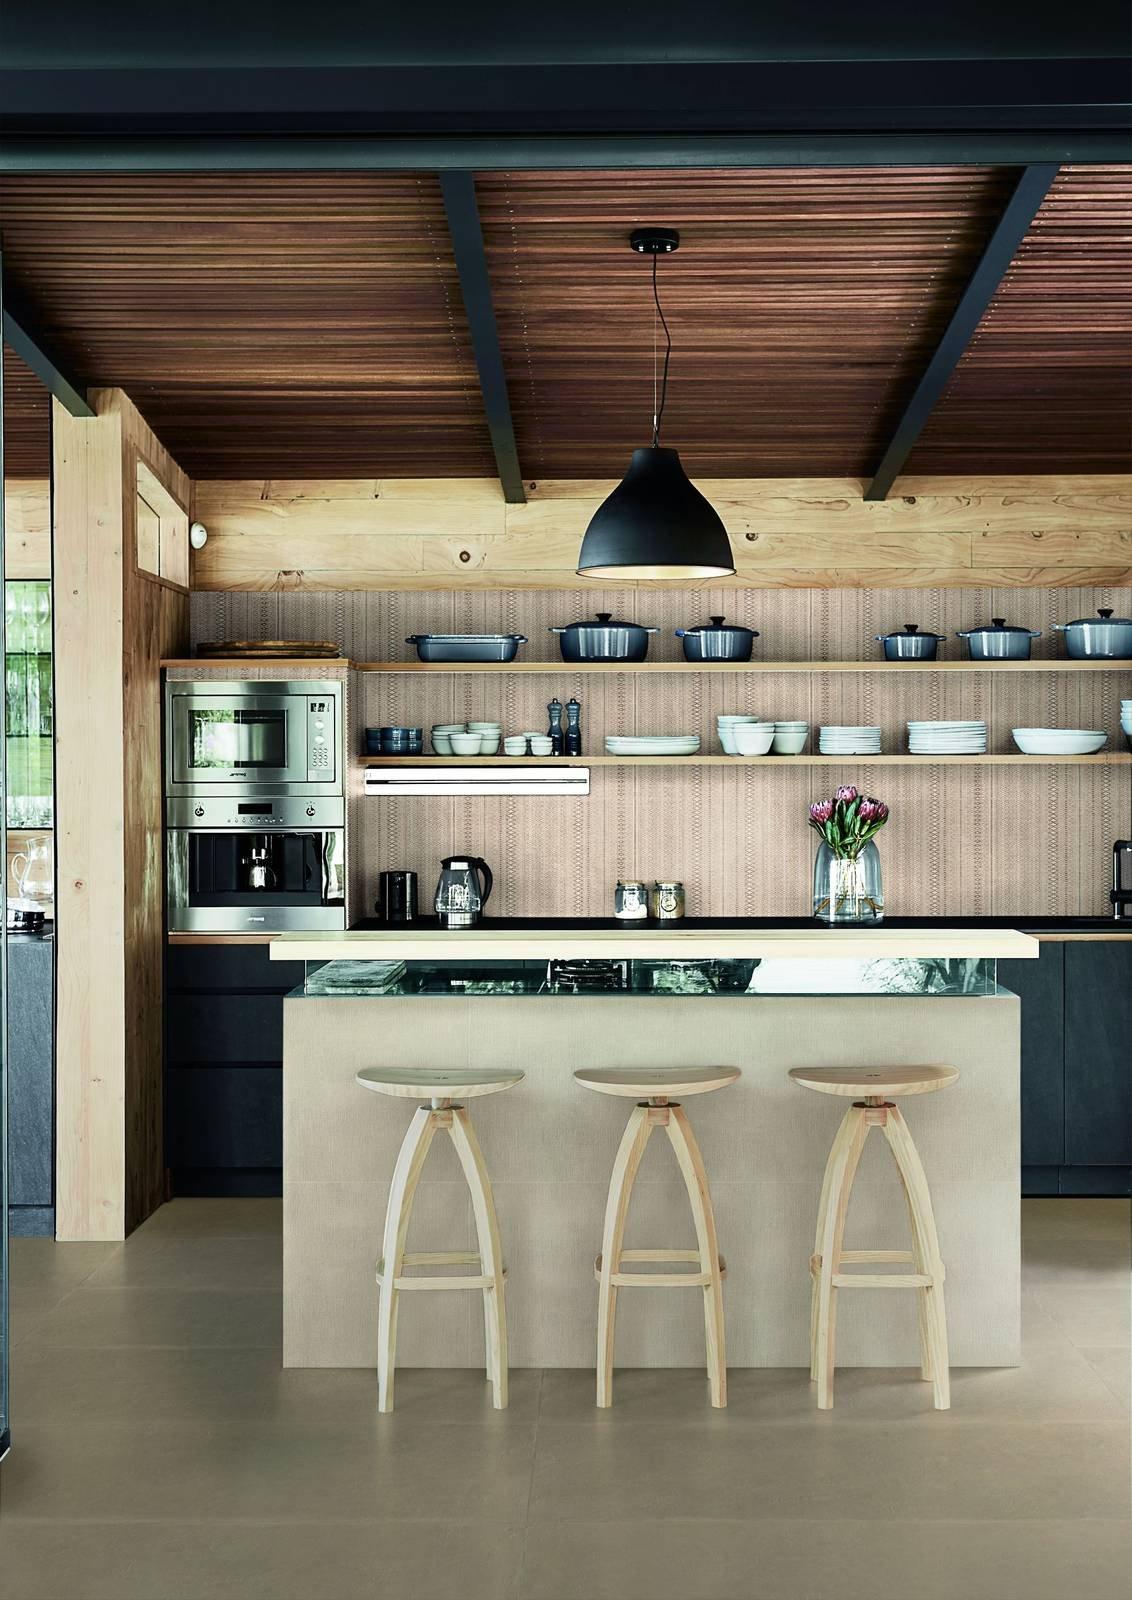 Piastrelle cucina, a pavimento o parete, anche multicolor - Cose di Casa